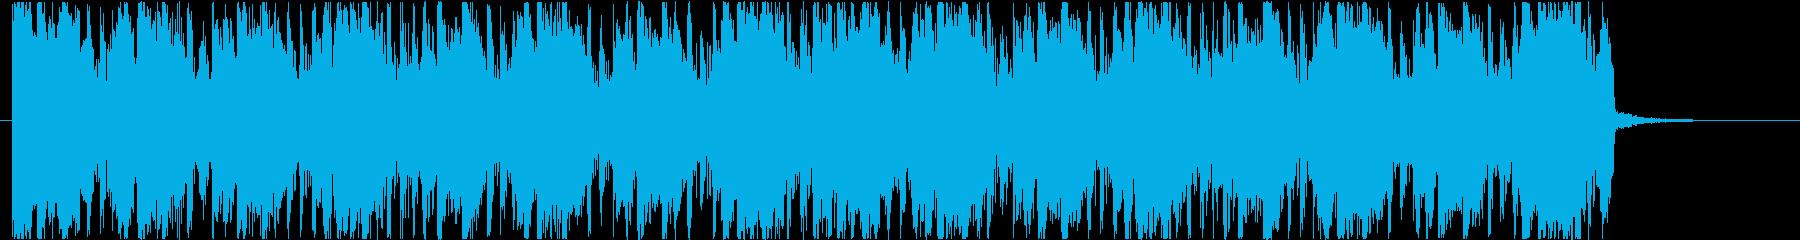 ニュースや情報番組のアイキャッチ風ポップの再生済みの波形